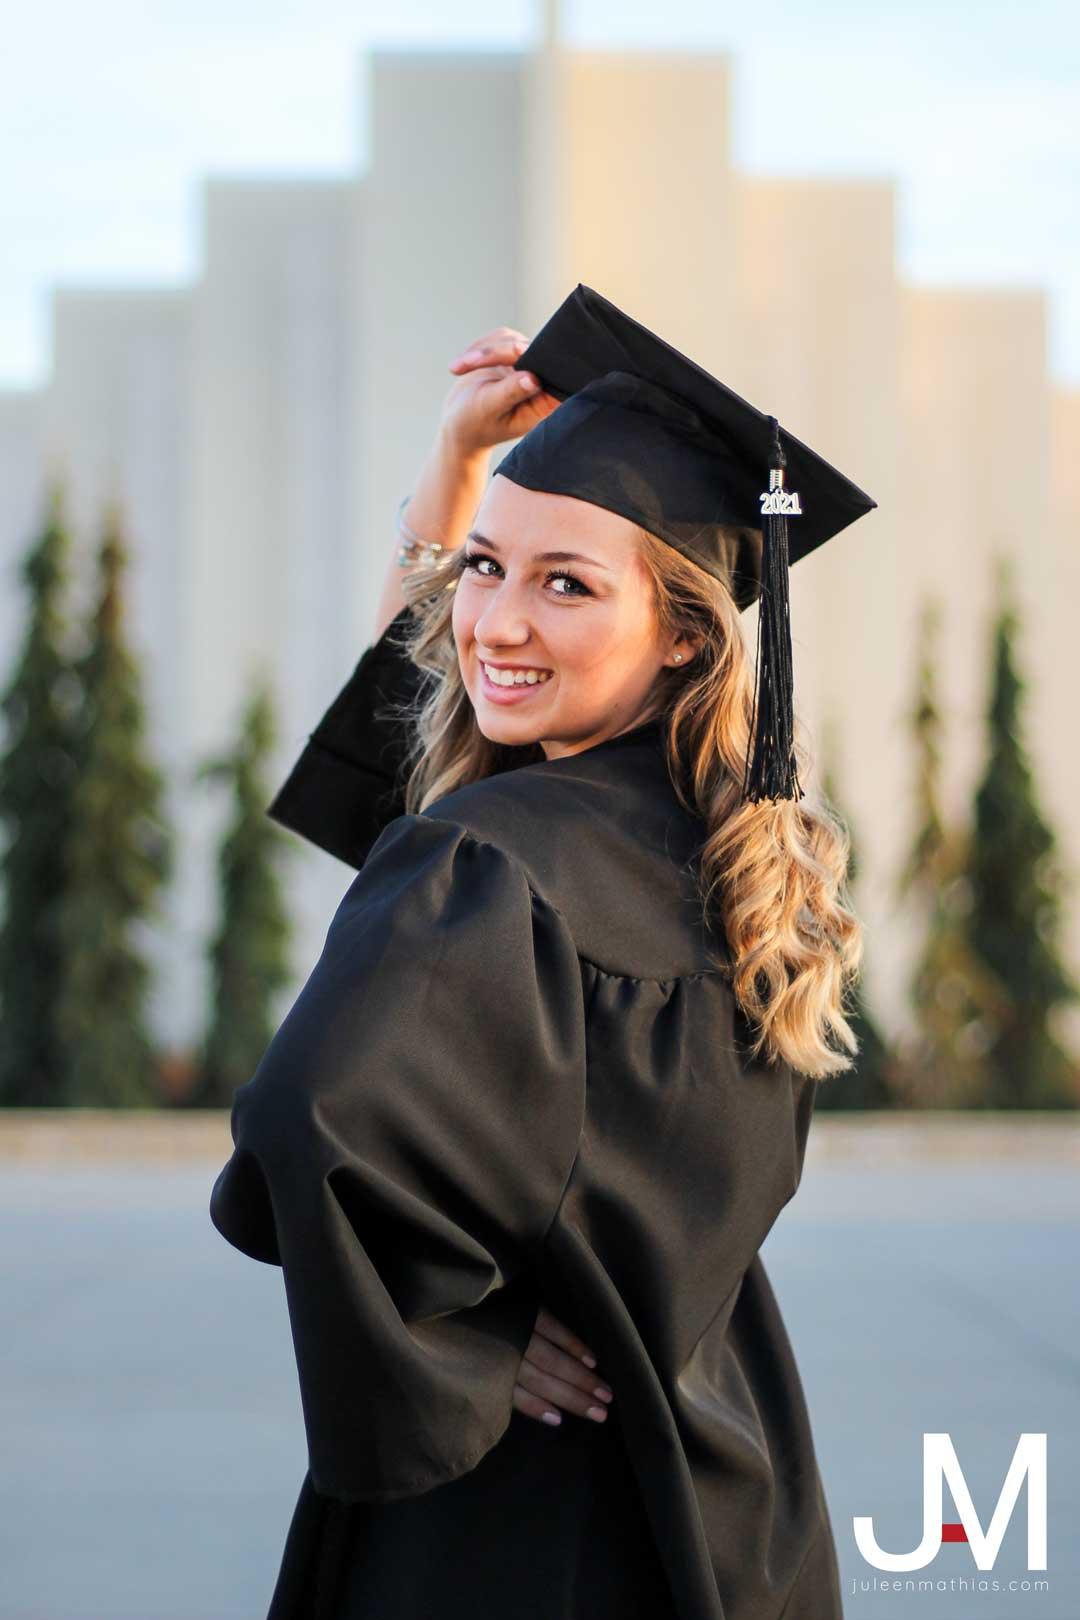 valdosta state graduate